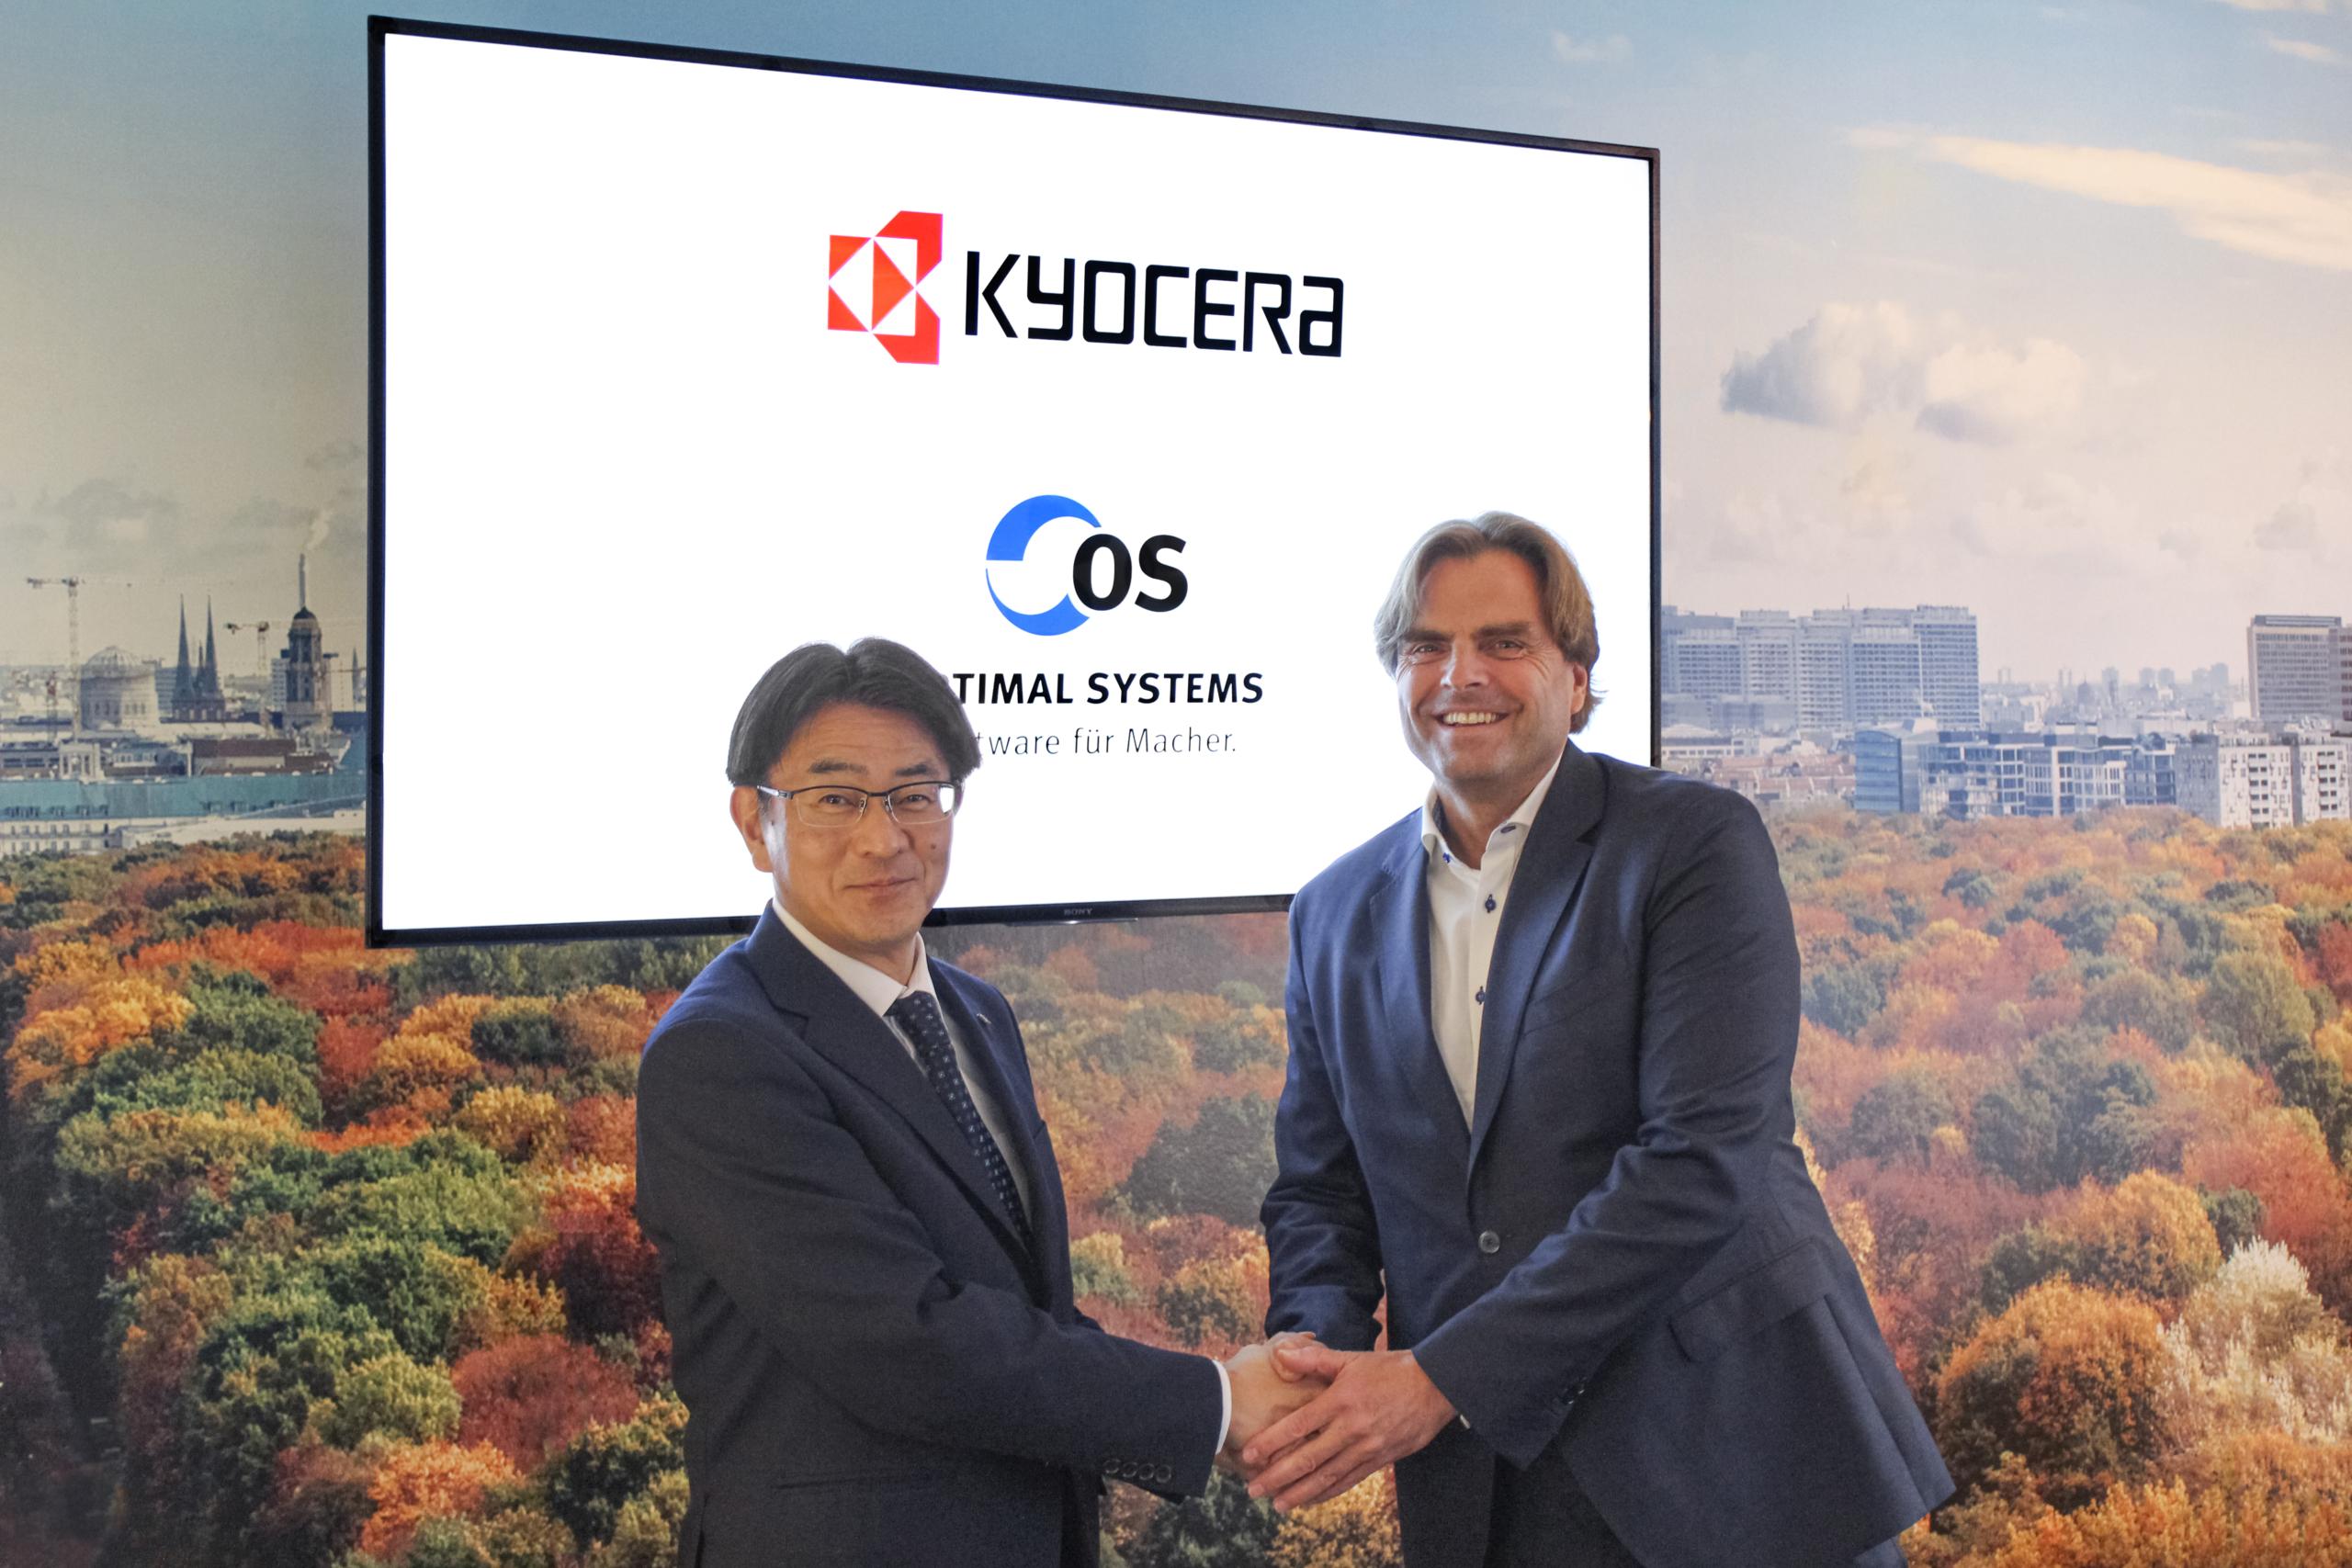 Norihiko Ina, Präsident von Kycera Document Solutions, und Karsten Renz, CEO von OPTIMAL SYSTEMS, am 20. Januar 2020 in der Unternehmenszentrale von OPTIMAL SYSTEMS in Berlin.